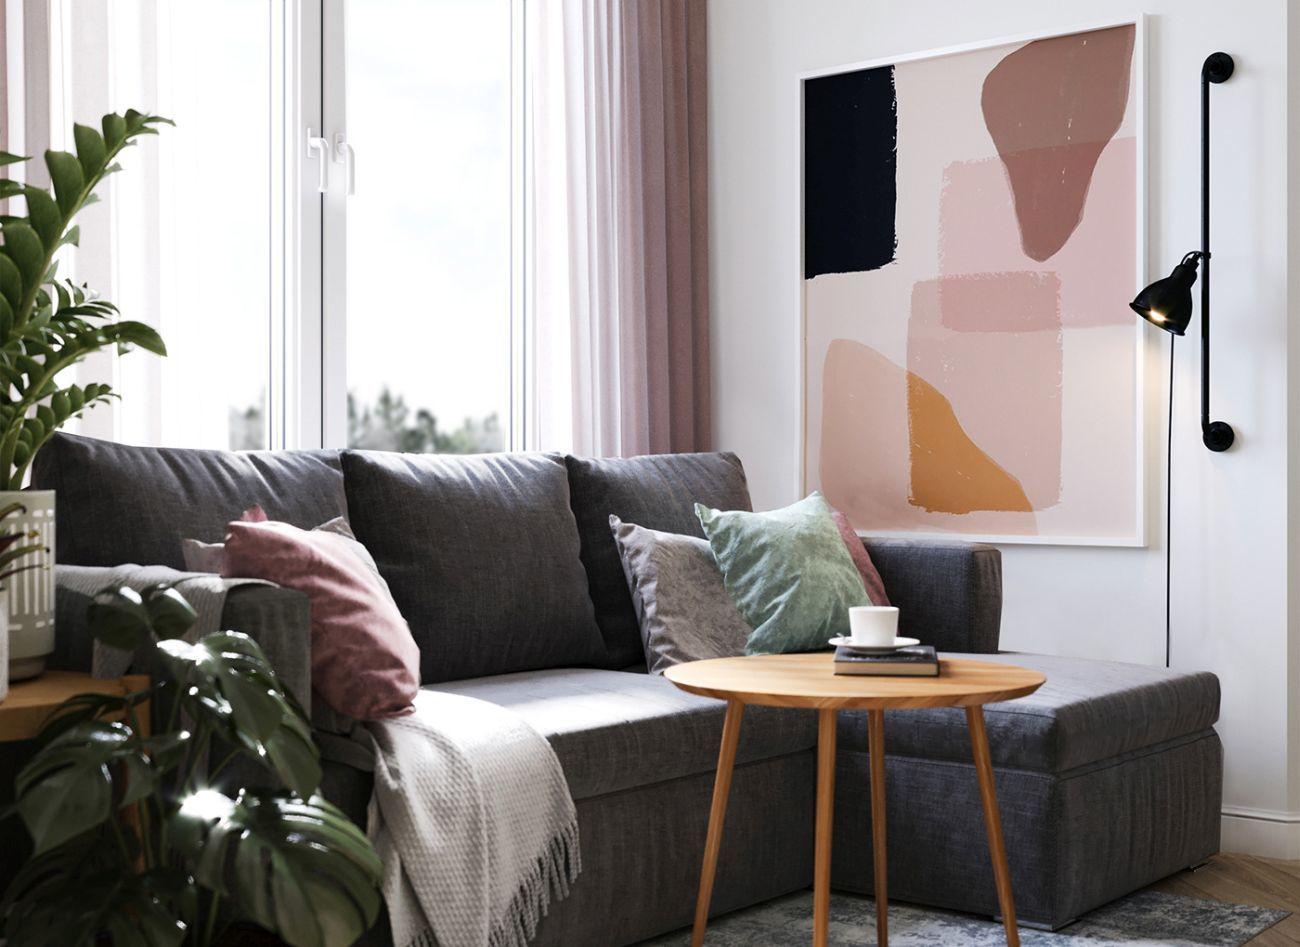 Pasztell színű párnák teszik kényelmesebbé a kanapét